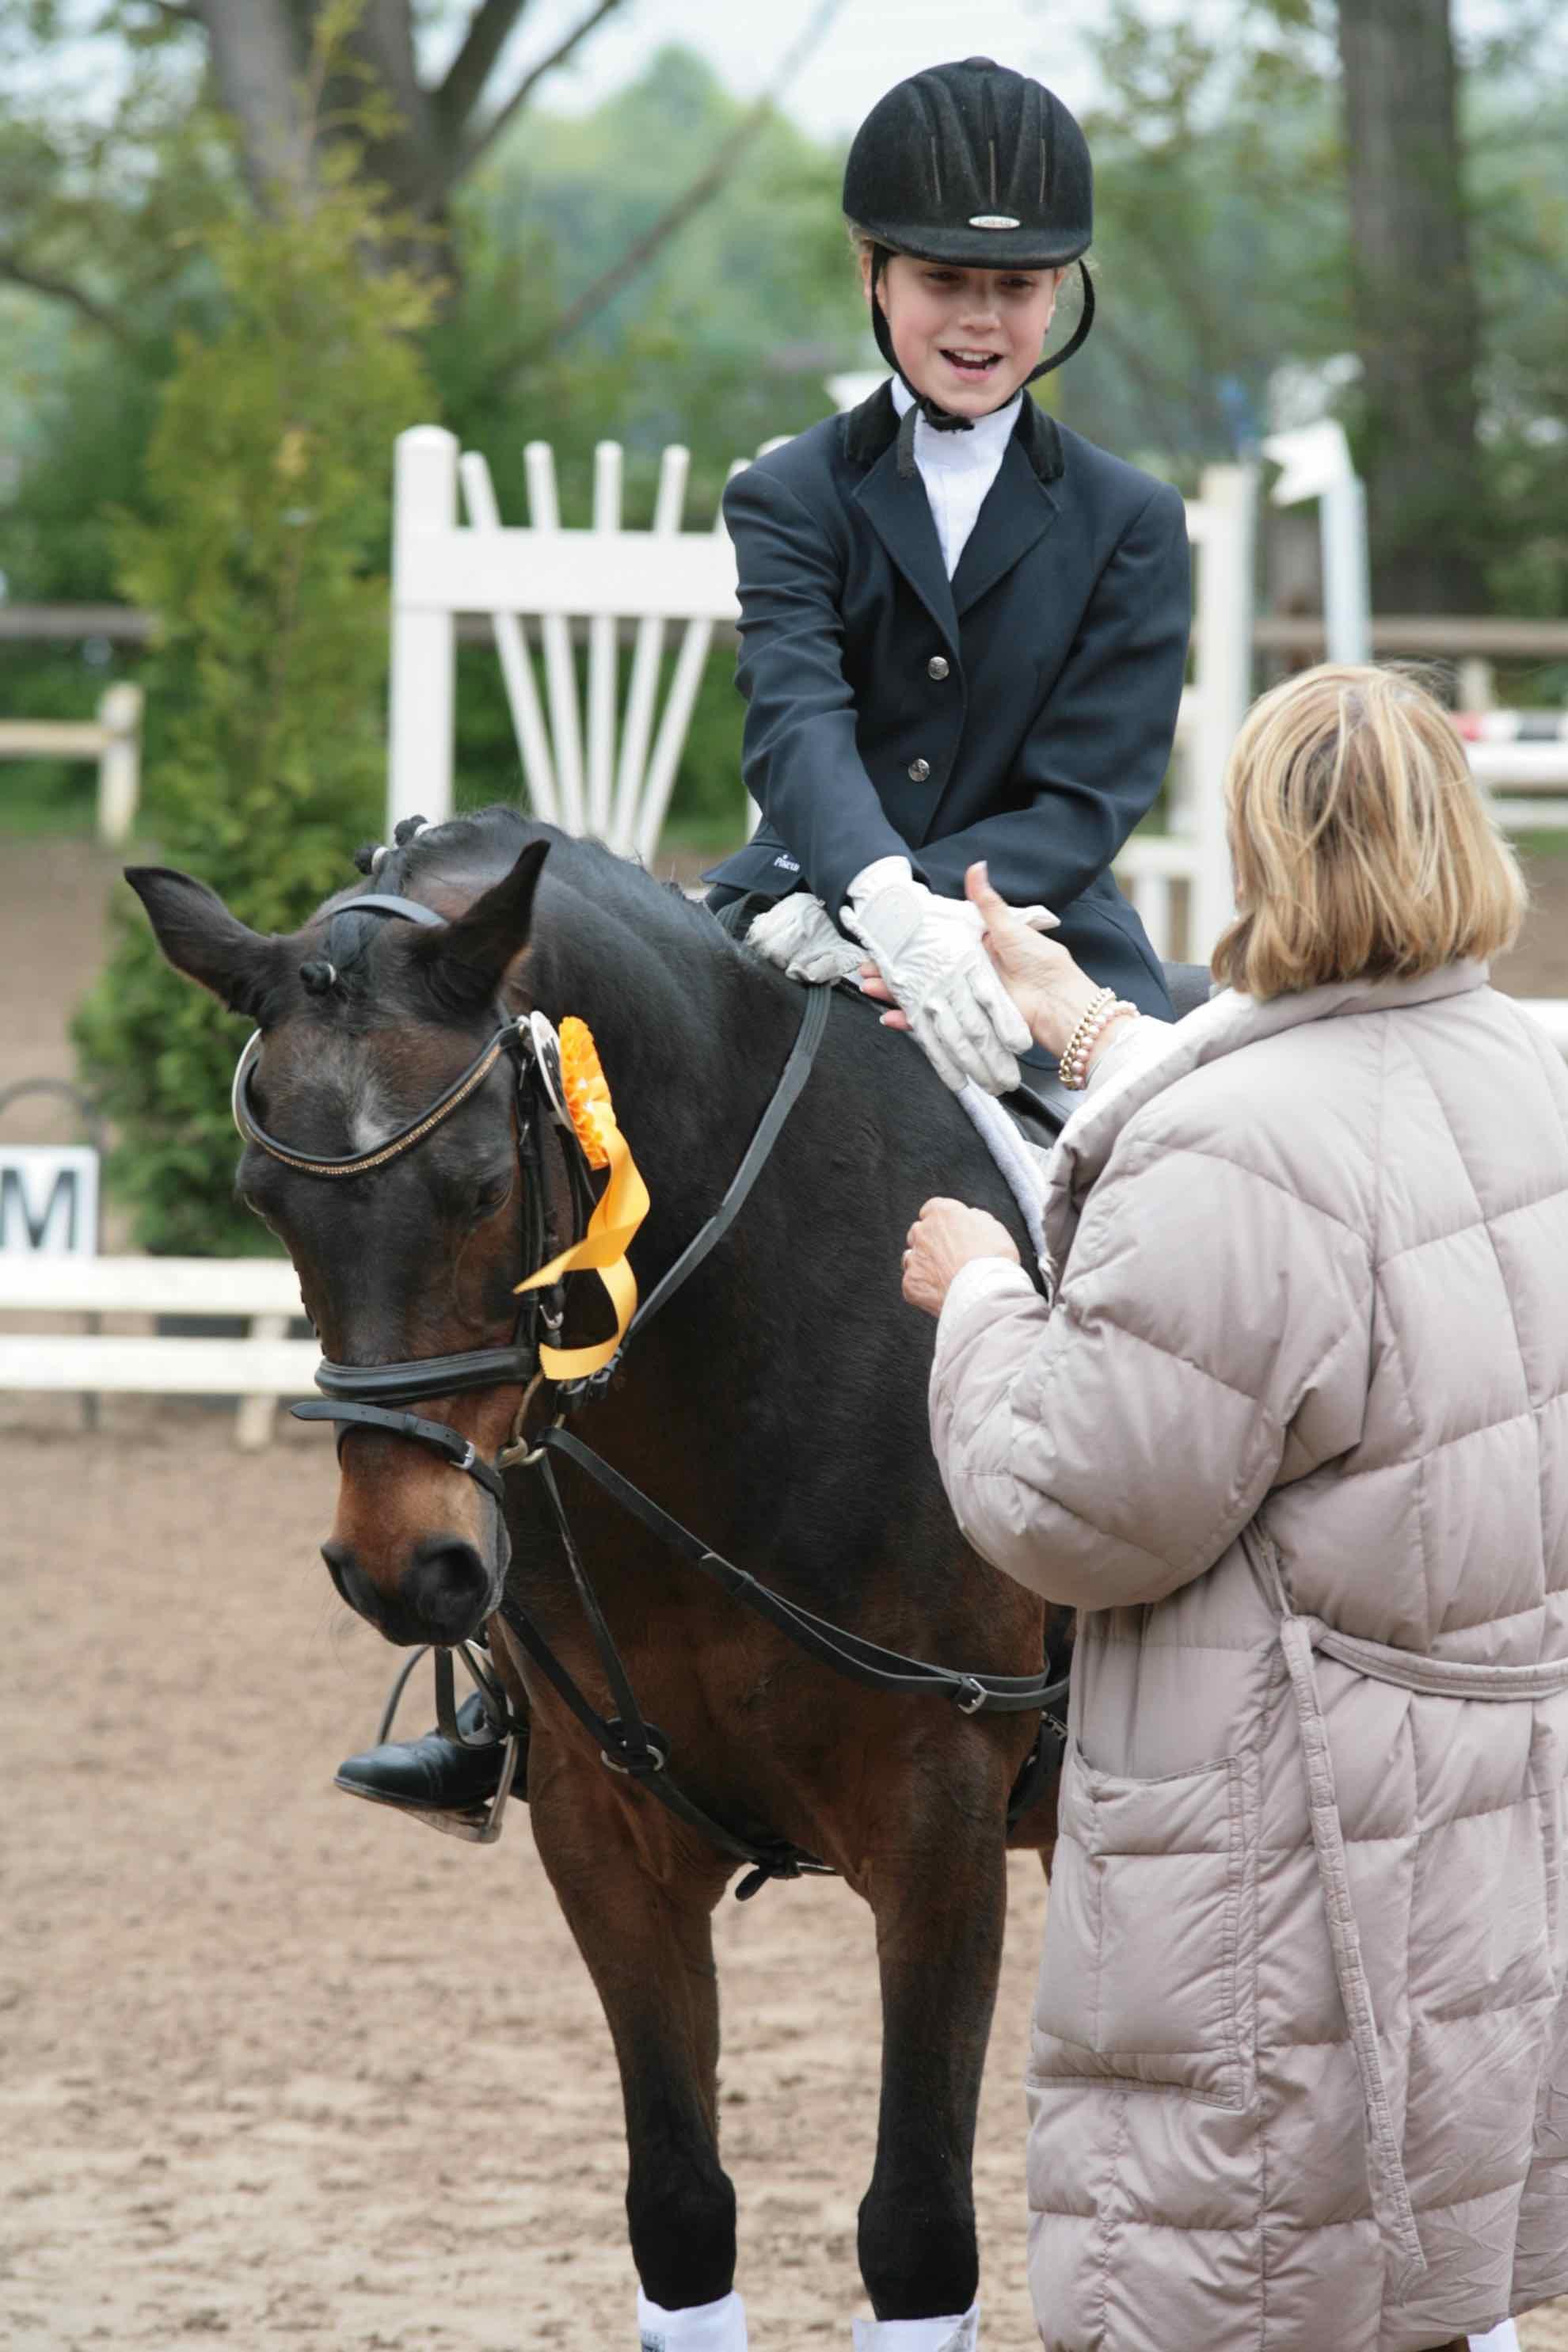 Prüfung 28/2 Reiterwettbewerb für Ponys - 1. Platz - Leoini Ruhstorfer auf Jappeloup - RFV Griesheim e.V.